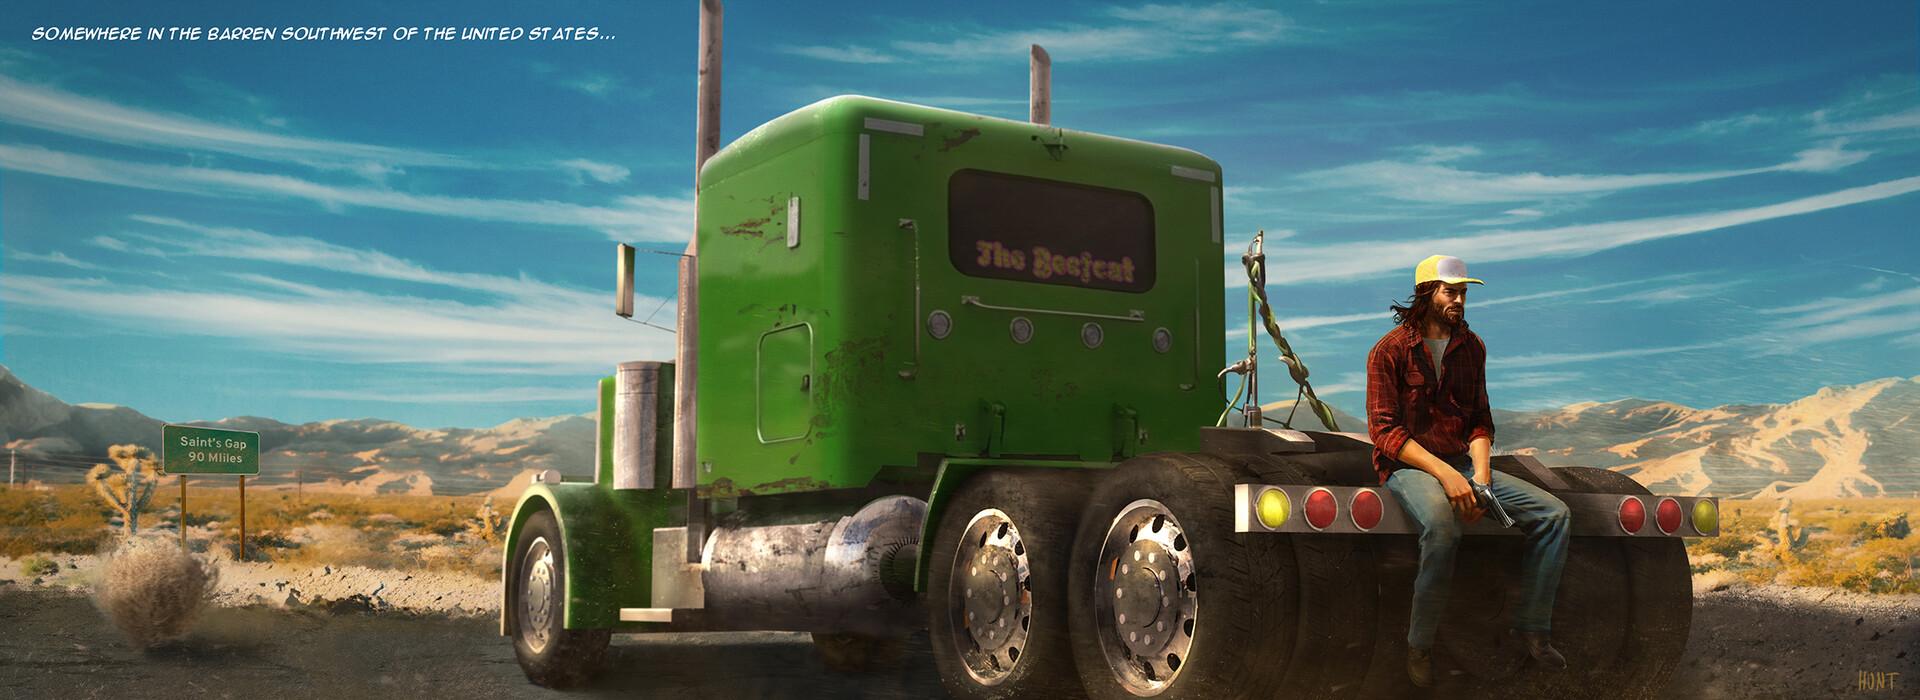 Andrew hunt tom truck keyart low rez